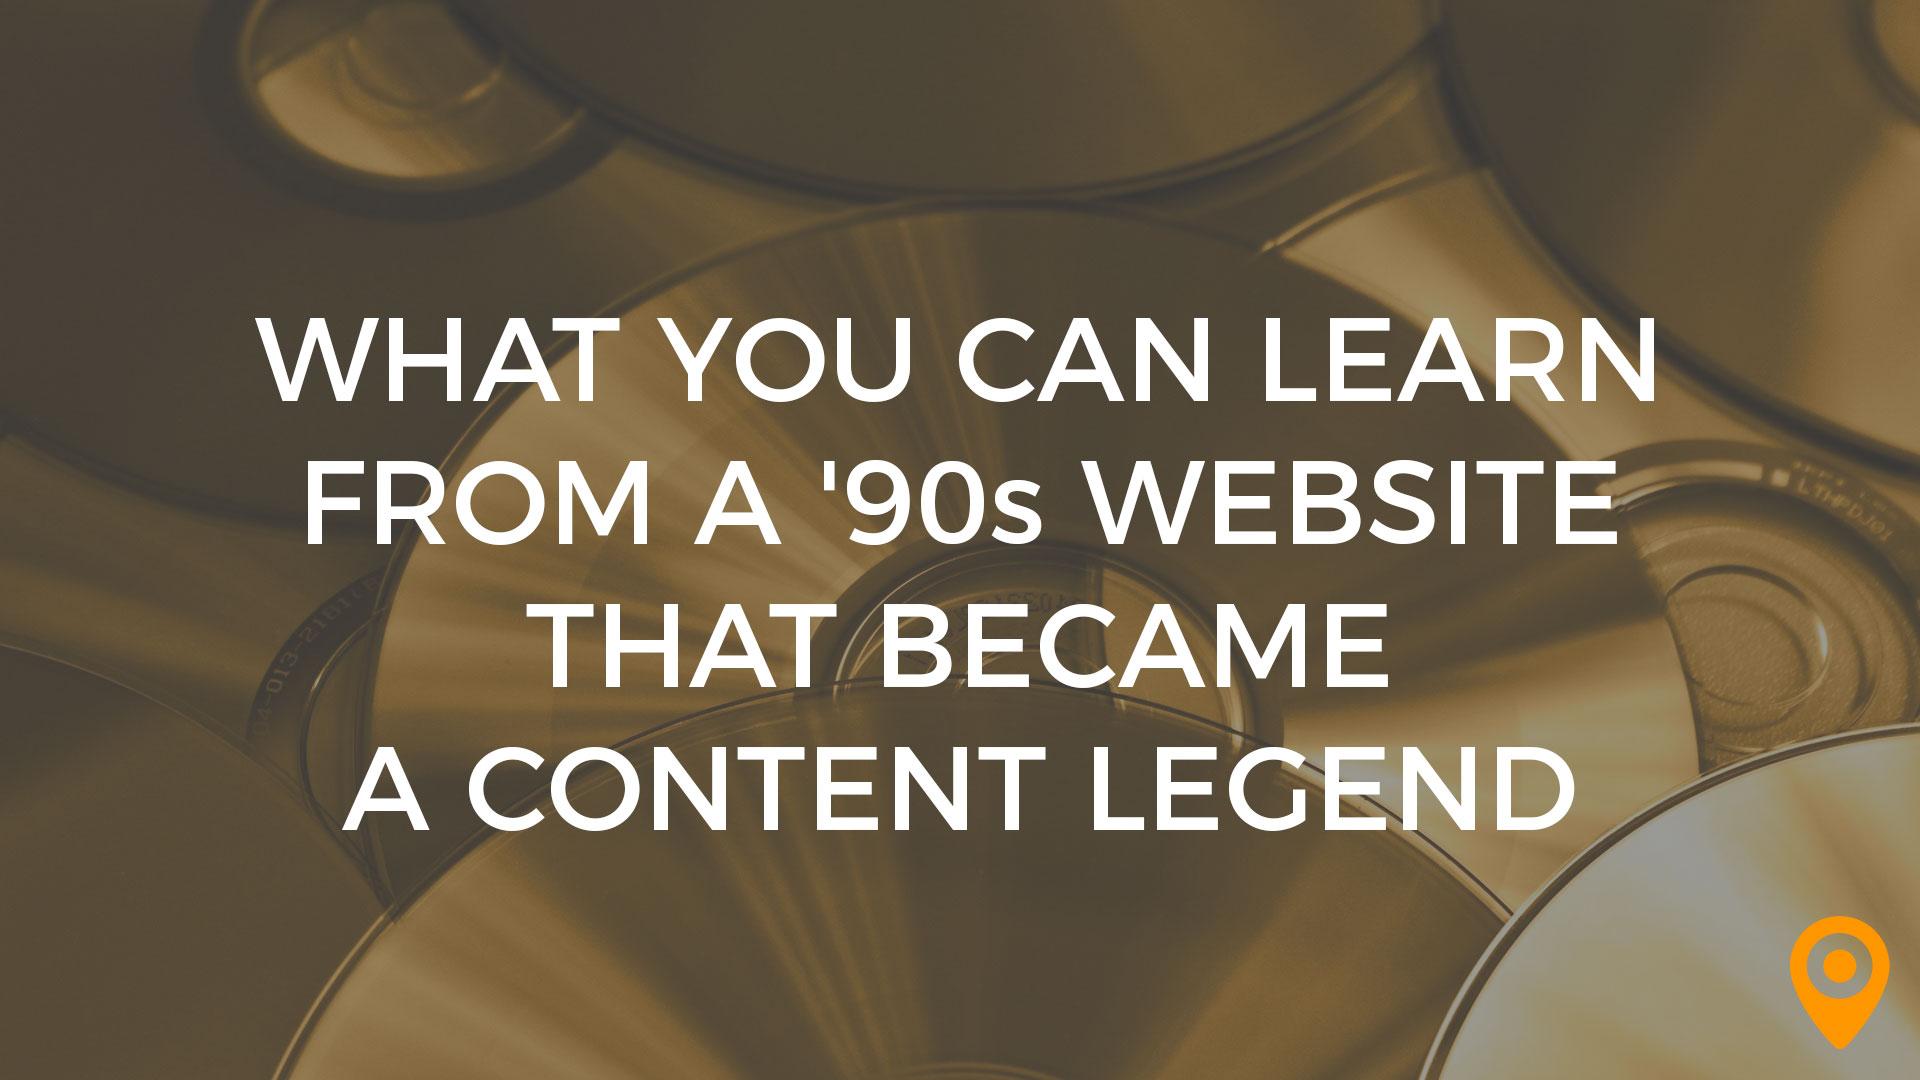 90s content legend